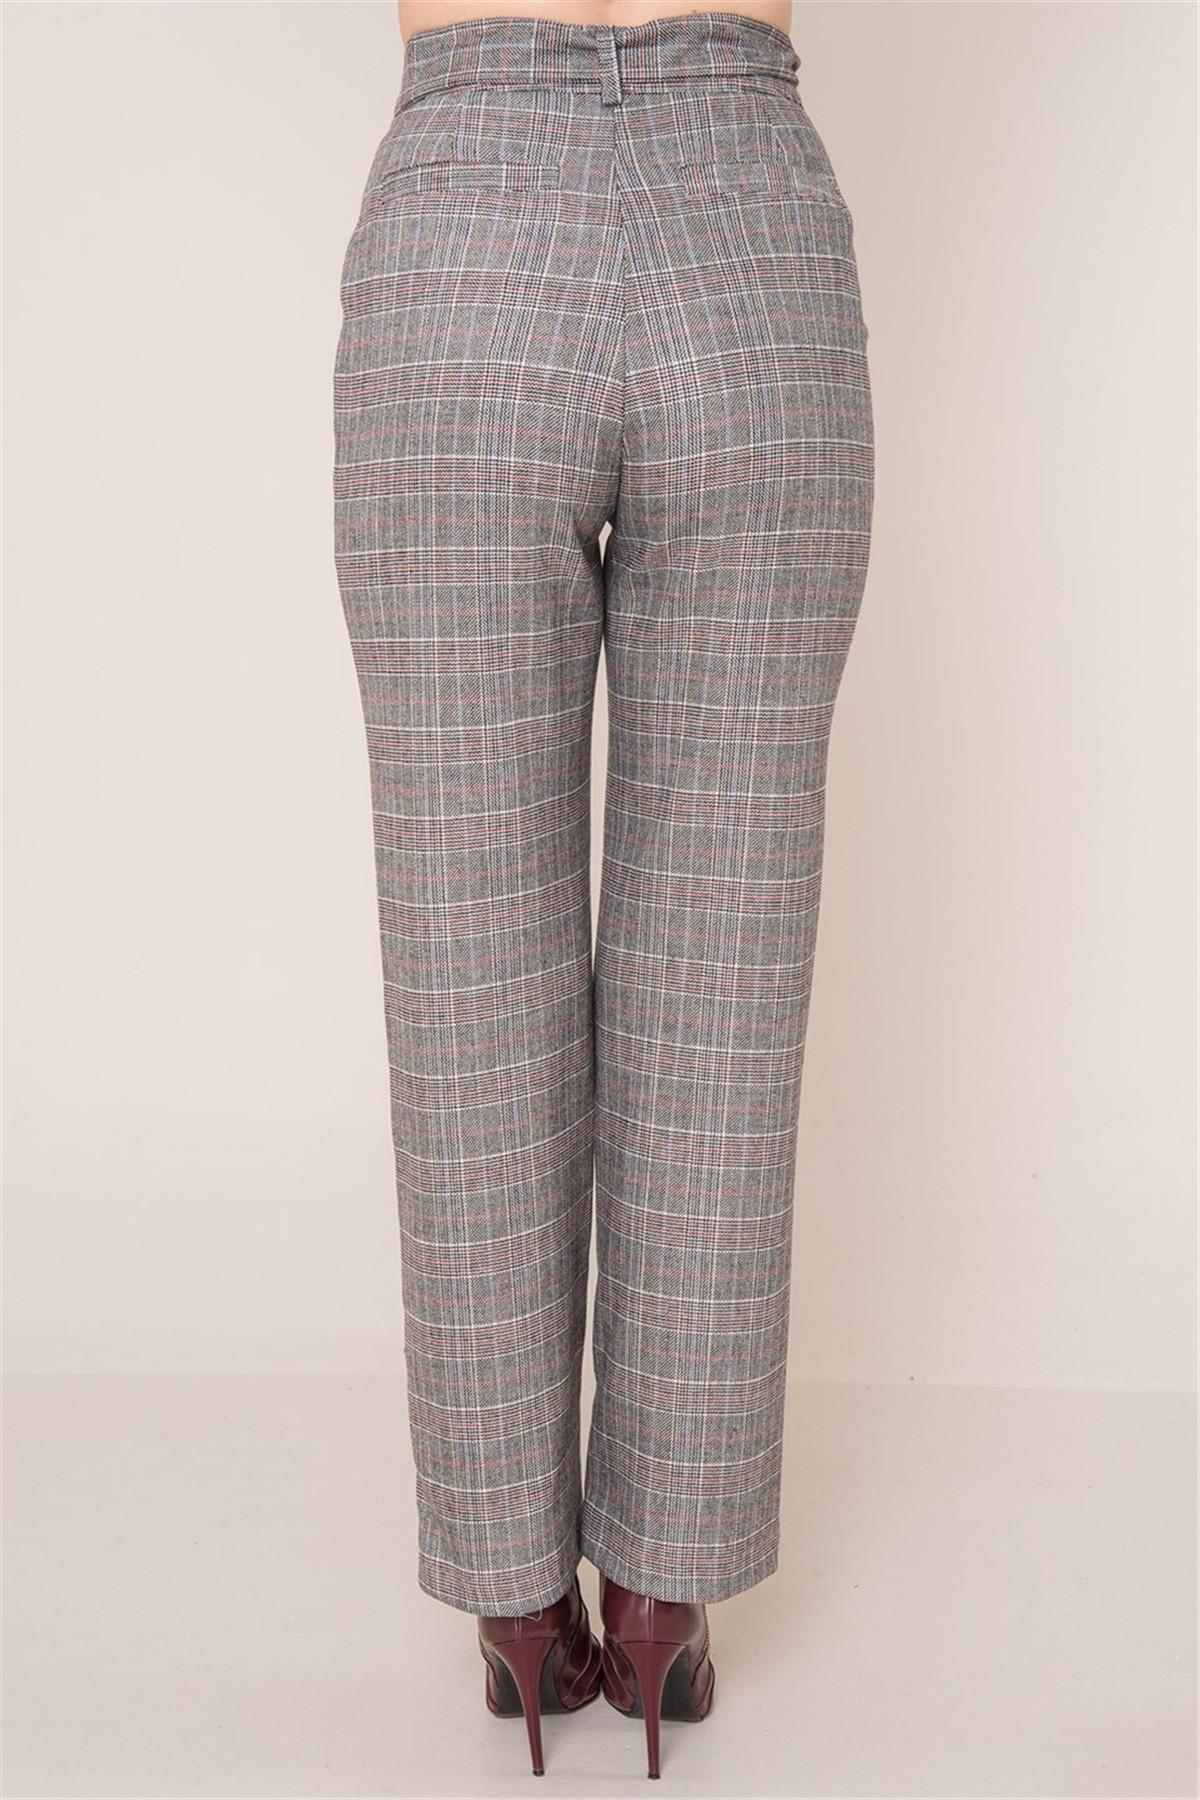 Dámske šedé kárované nohavice BSL S